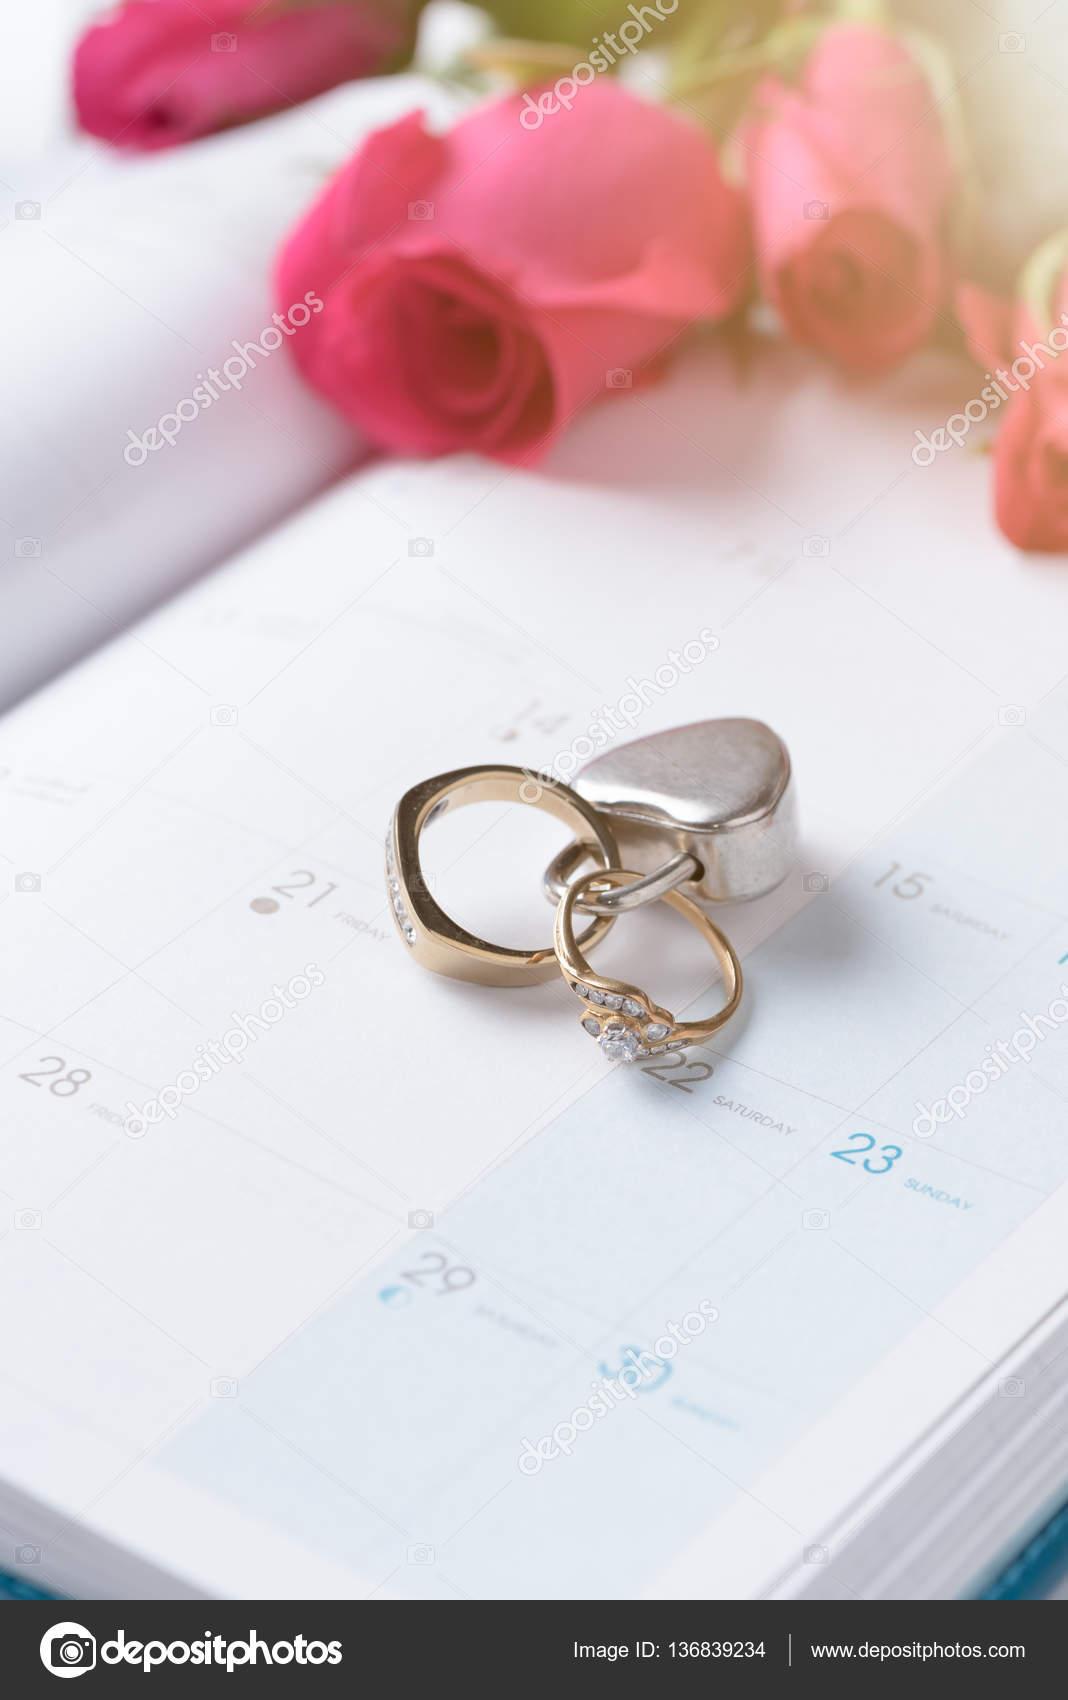 0afd50260cbd Boda anillos de oro trabado con bloqueo en el calendario y fondo de color  de rosa rojo — Foto de kwanchaichaiudom